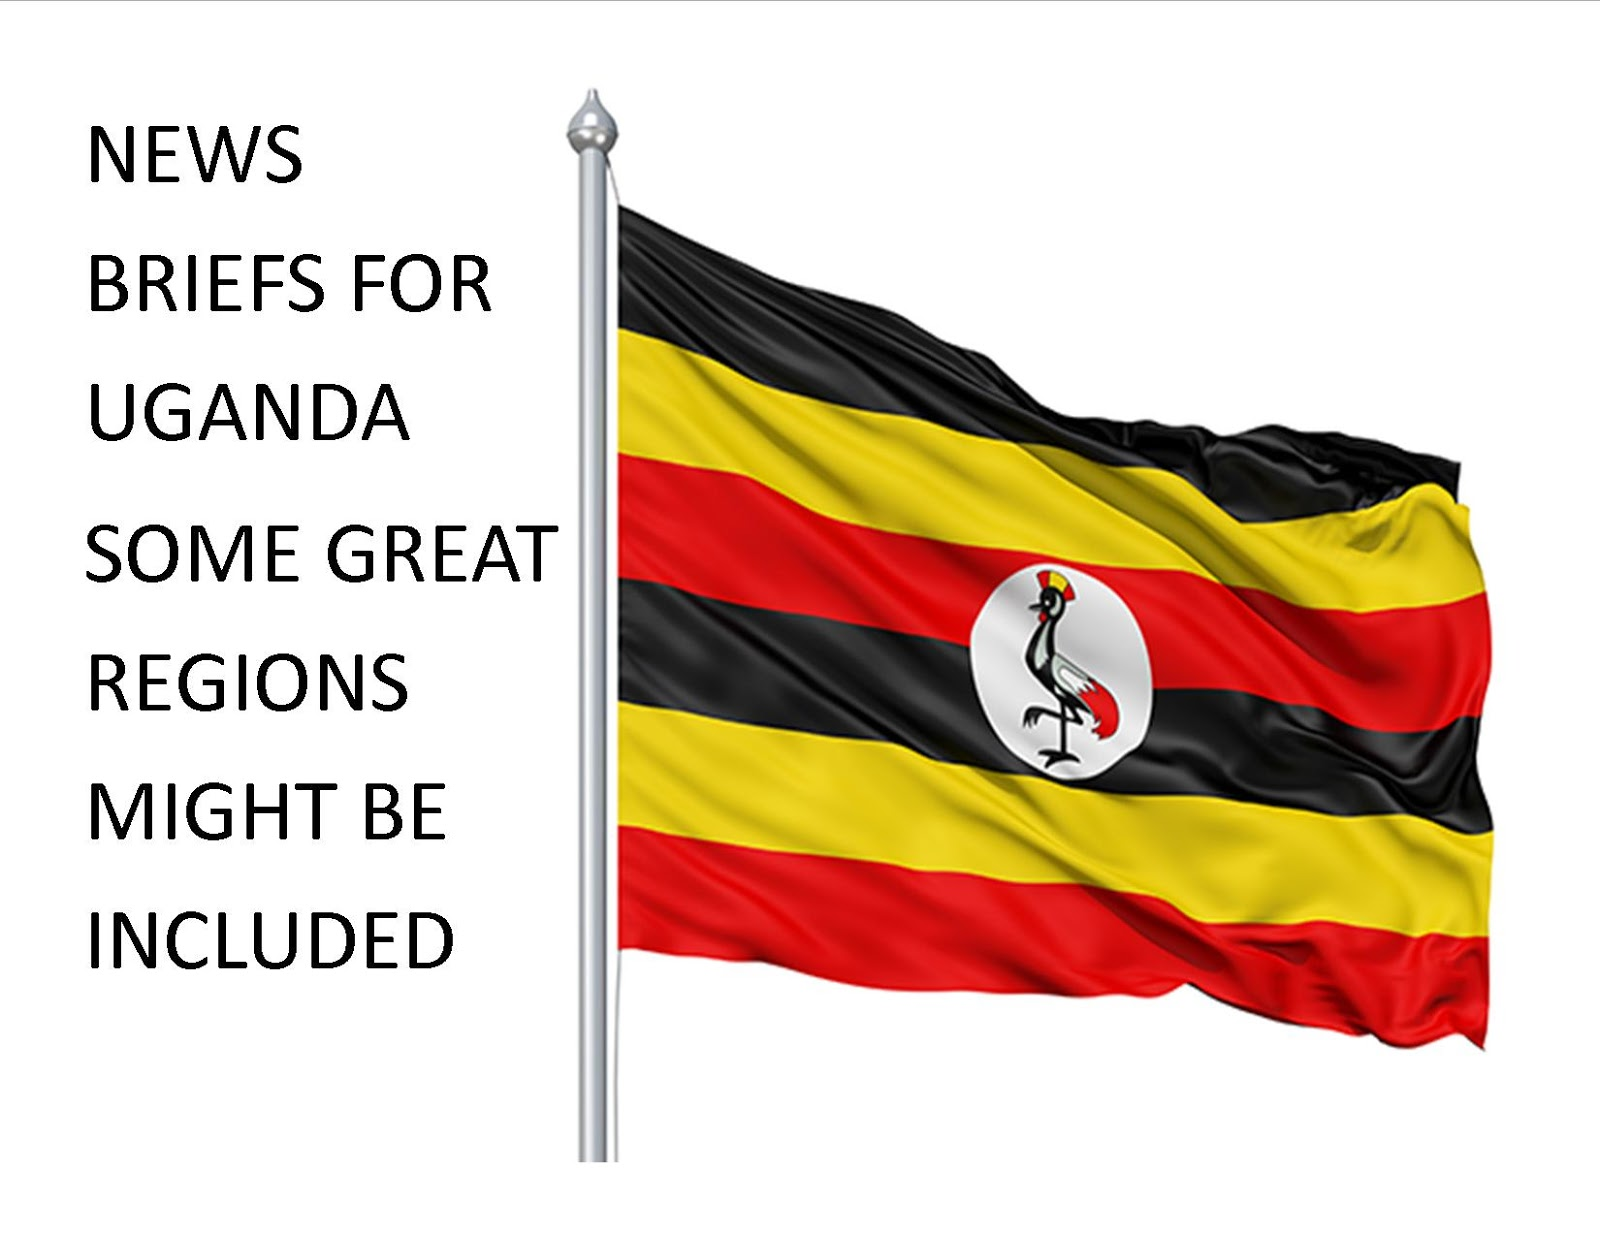 martha leah nangalama: amalagamated news briefs from #uganda via